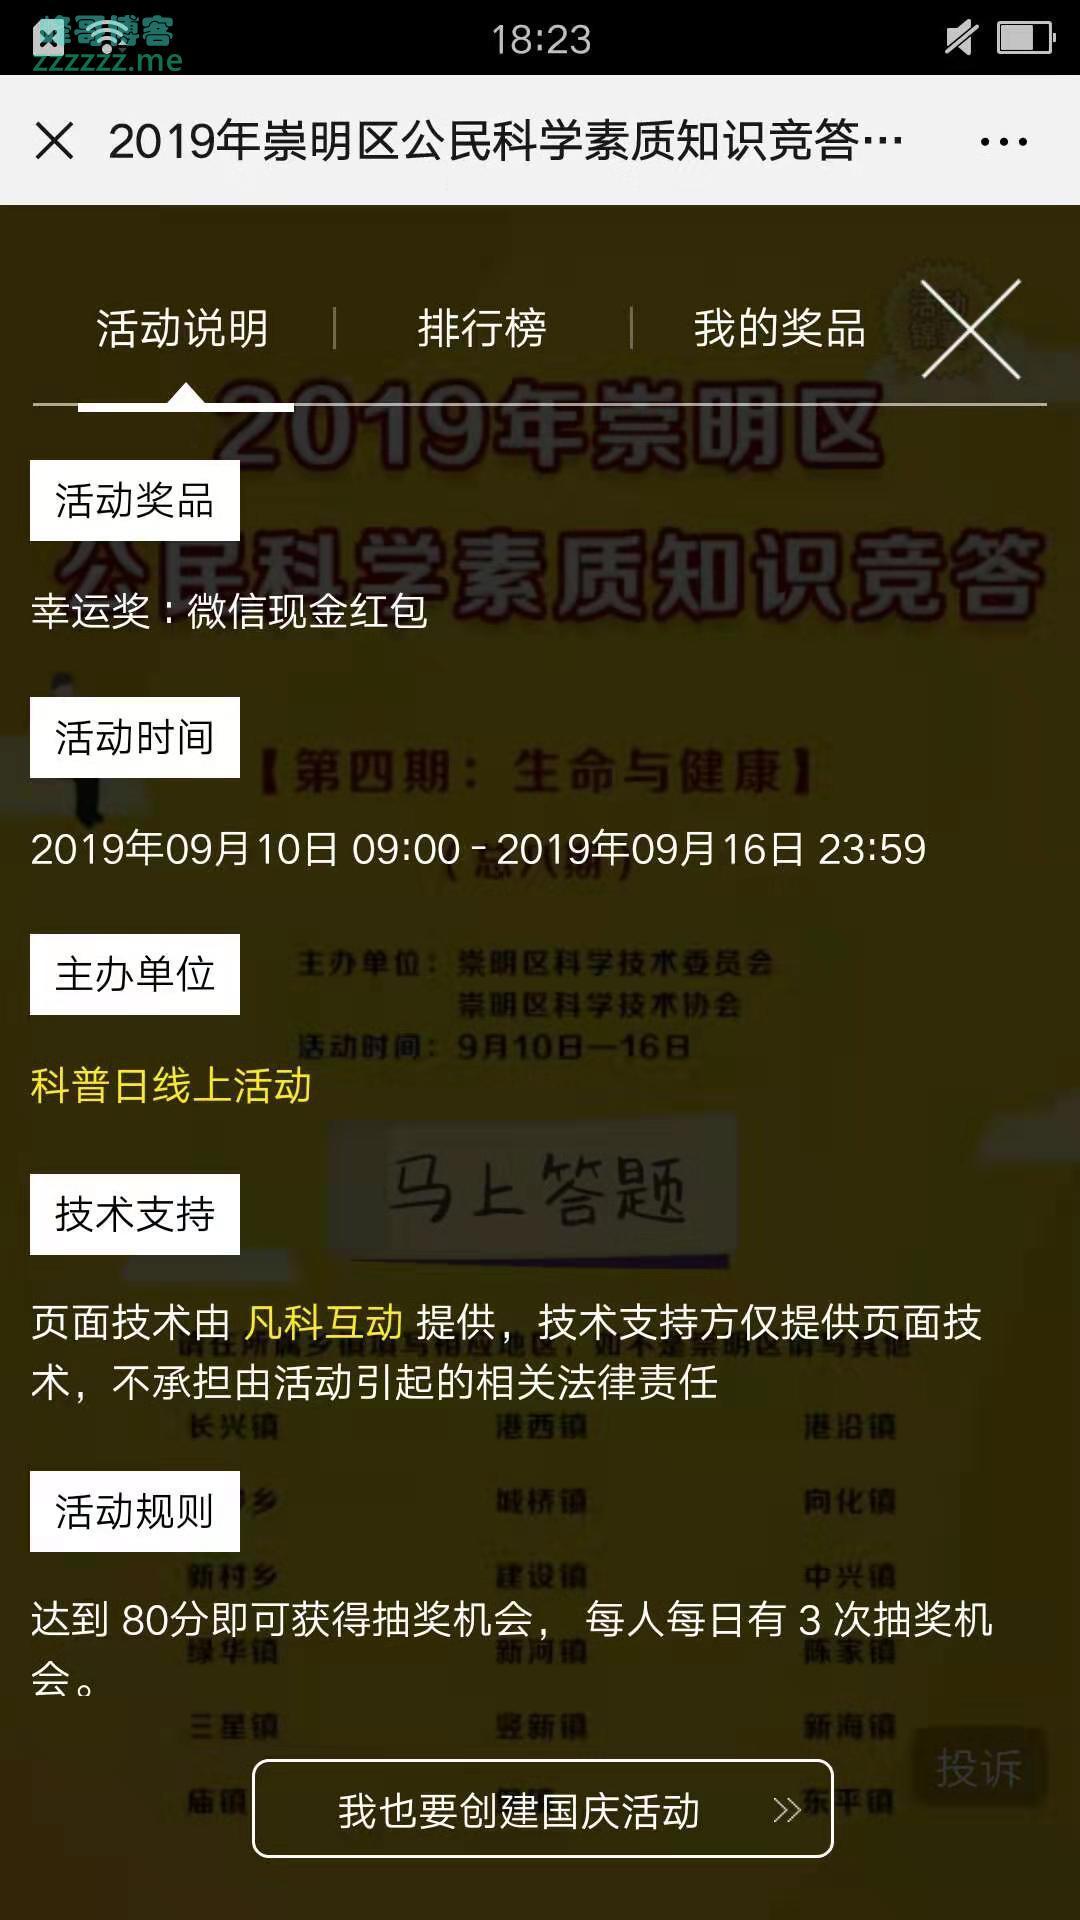 崇明科普科普竞答第四期(截止9月16日)